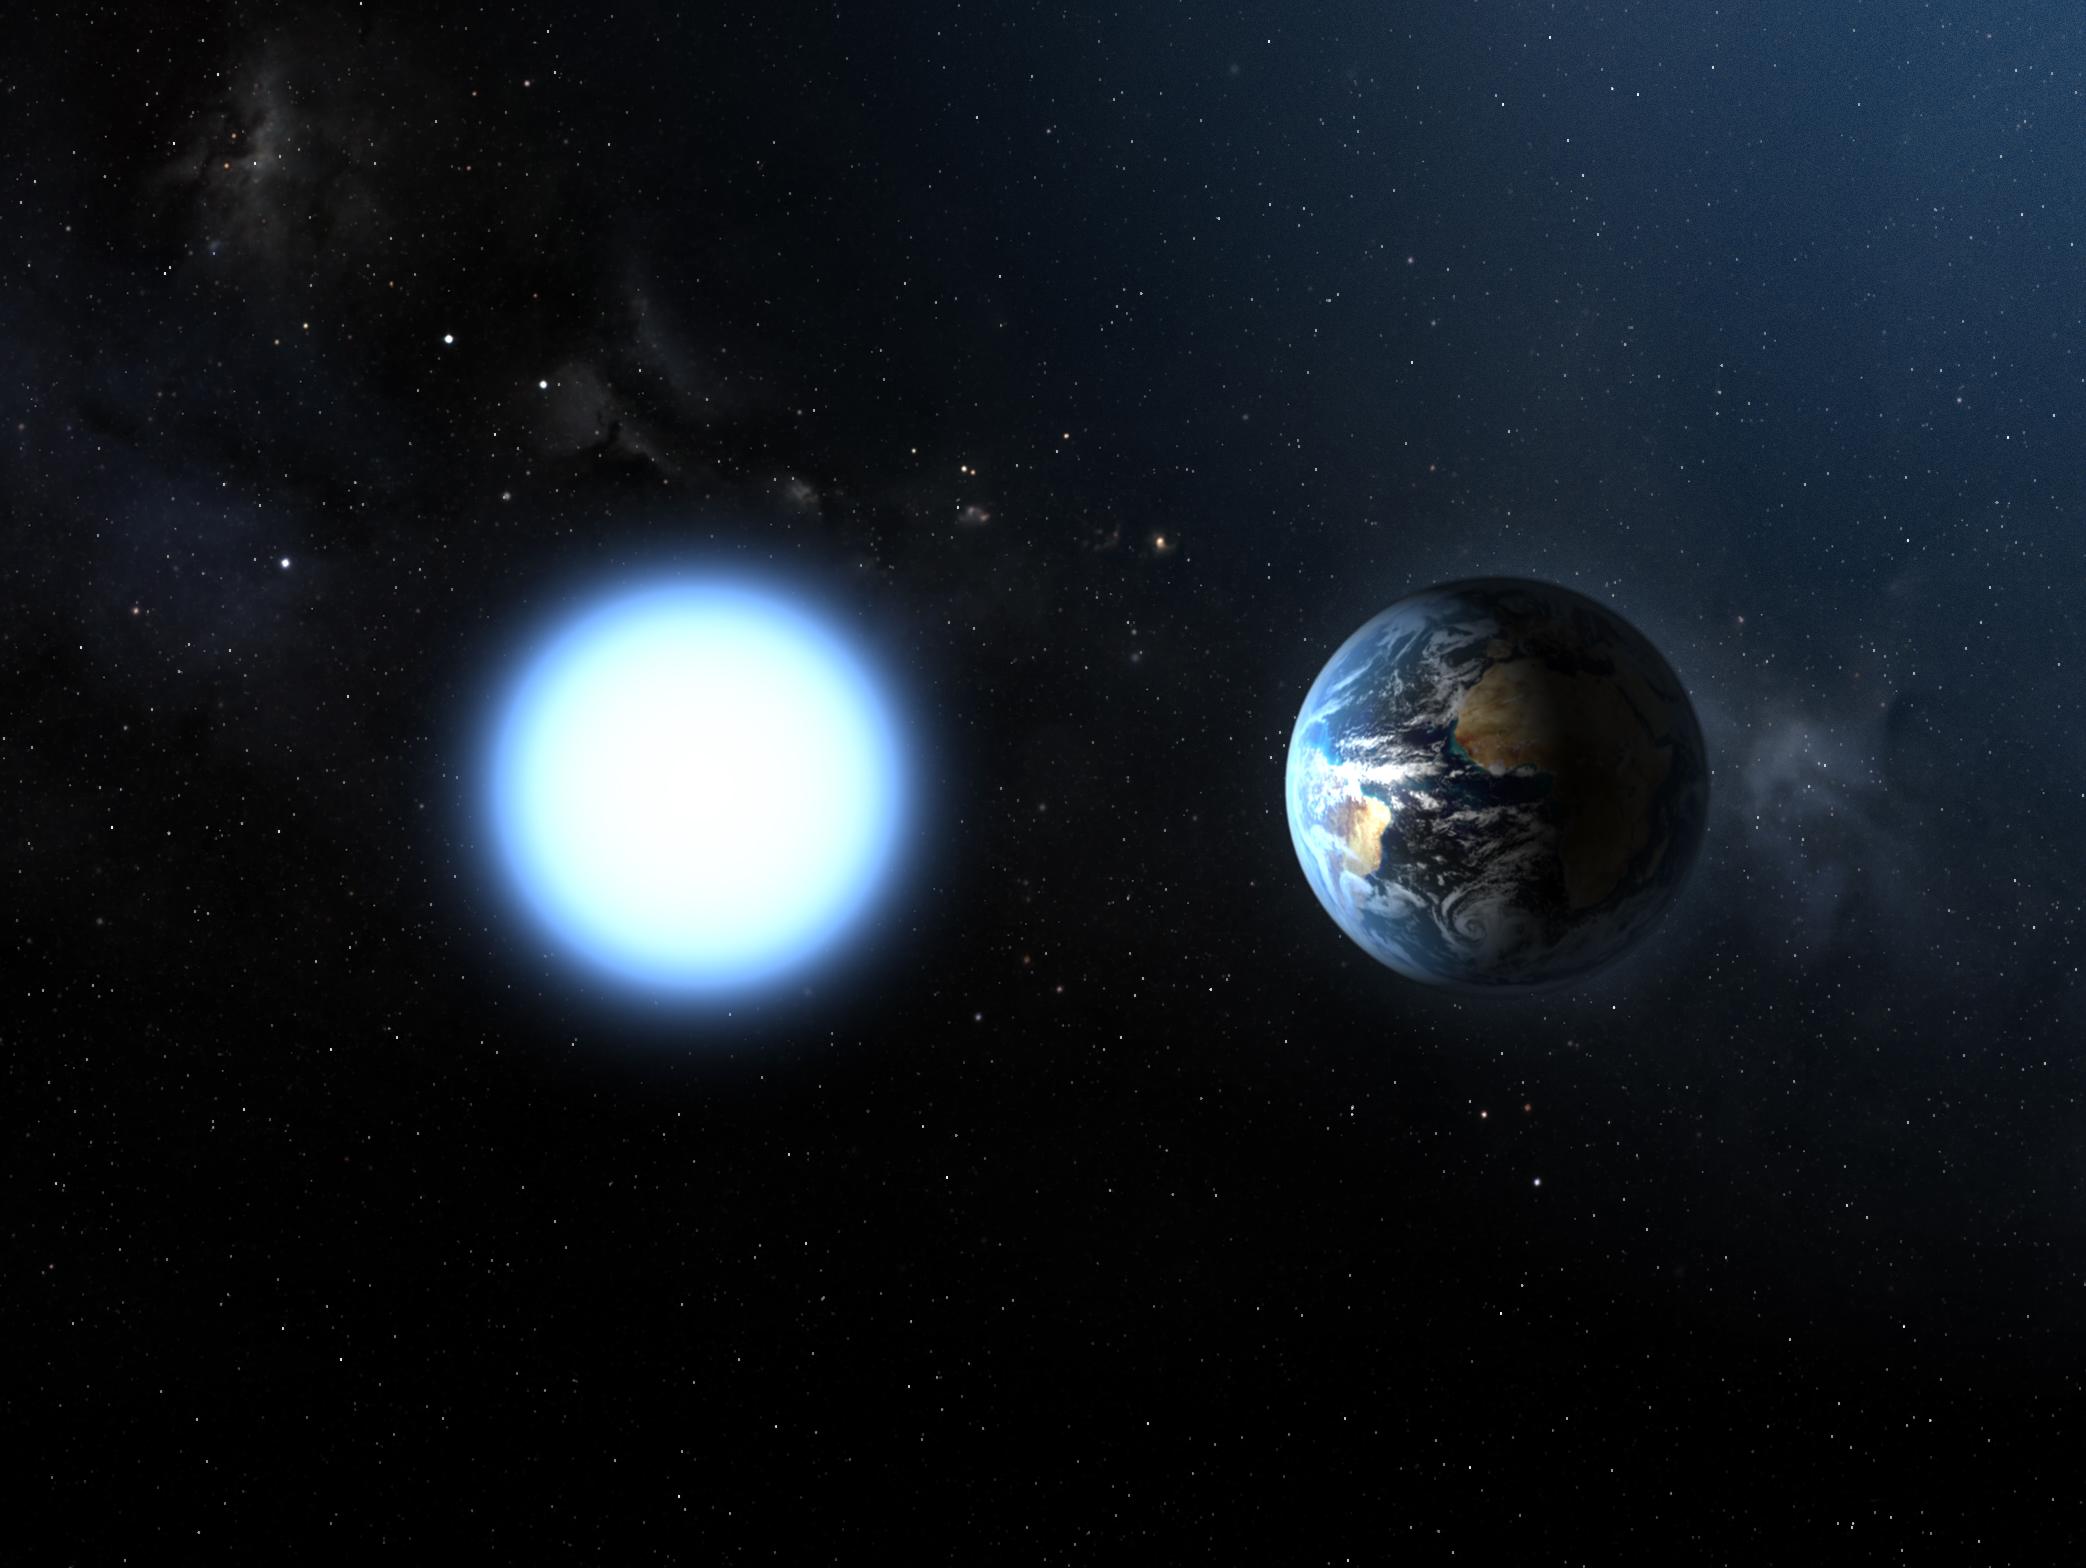 Sirius-B, comparada com a Terra. Apesar do tamanho, a estrela tem 0,98 massas solares.